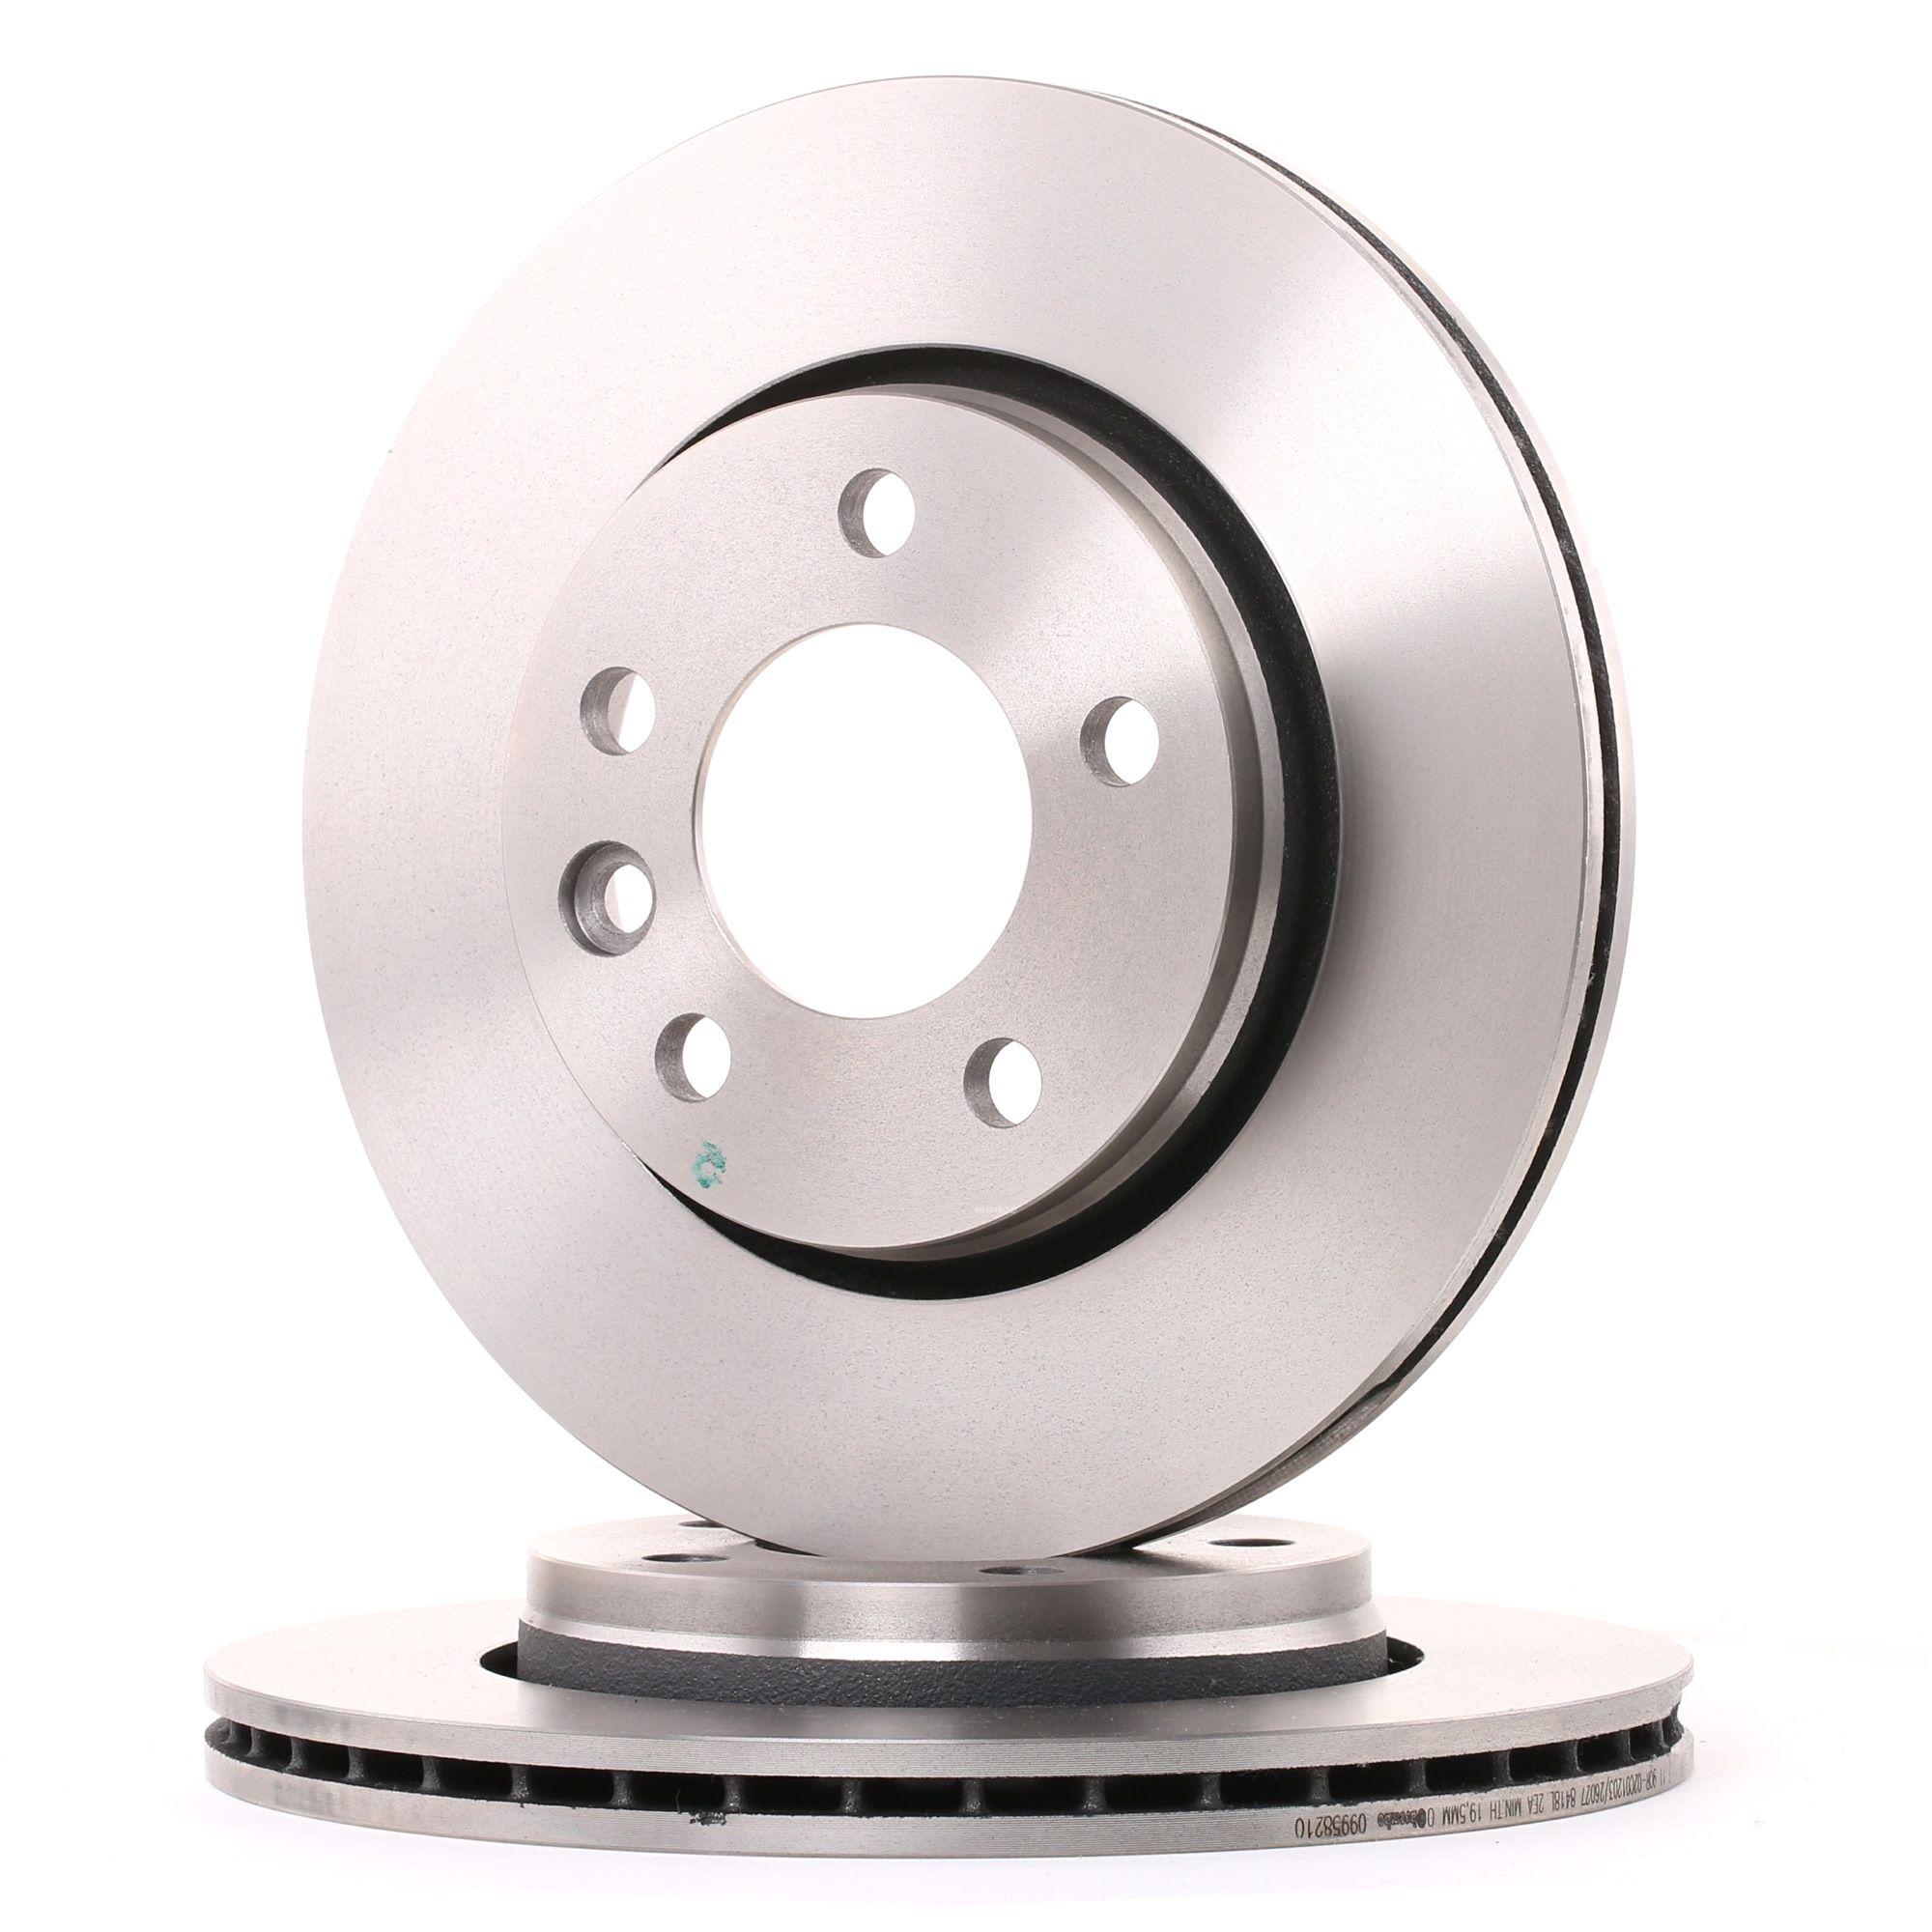 Achetez Disques de frein BREMBO 09.9582.10 (Ø: 294mm, Nbre de trous: 5, Épaisseur du disque de frein: 22mm) à un rapport qualité-prix exceptionnel